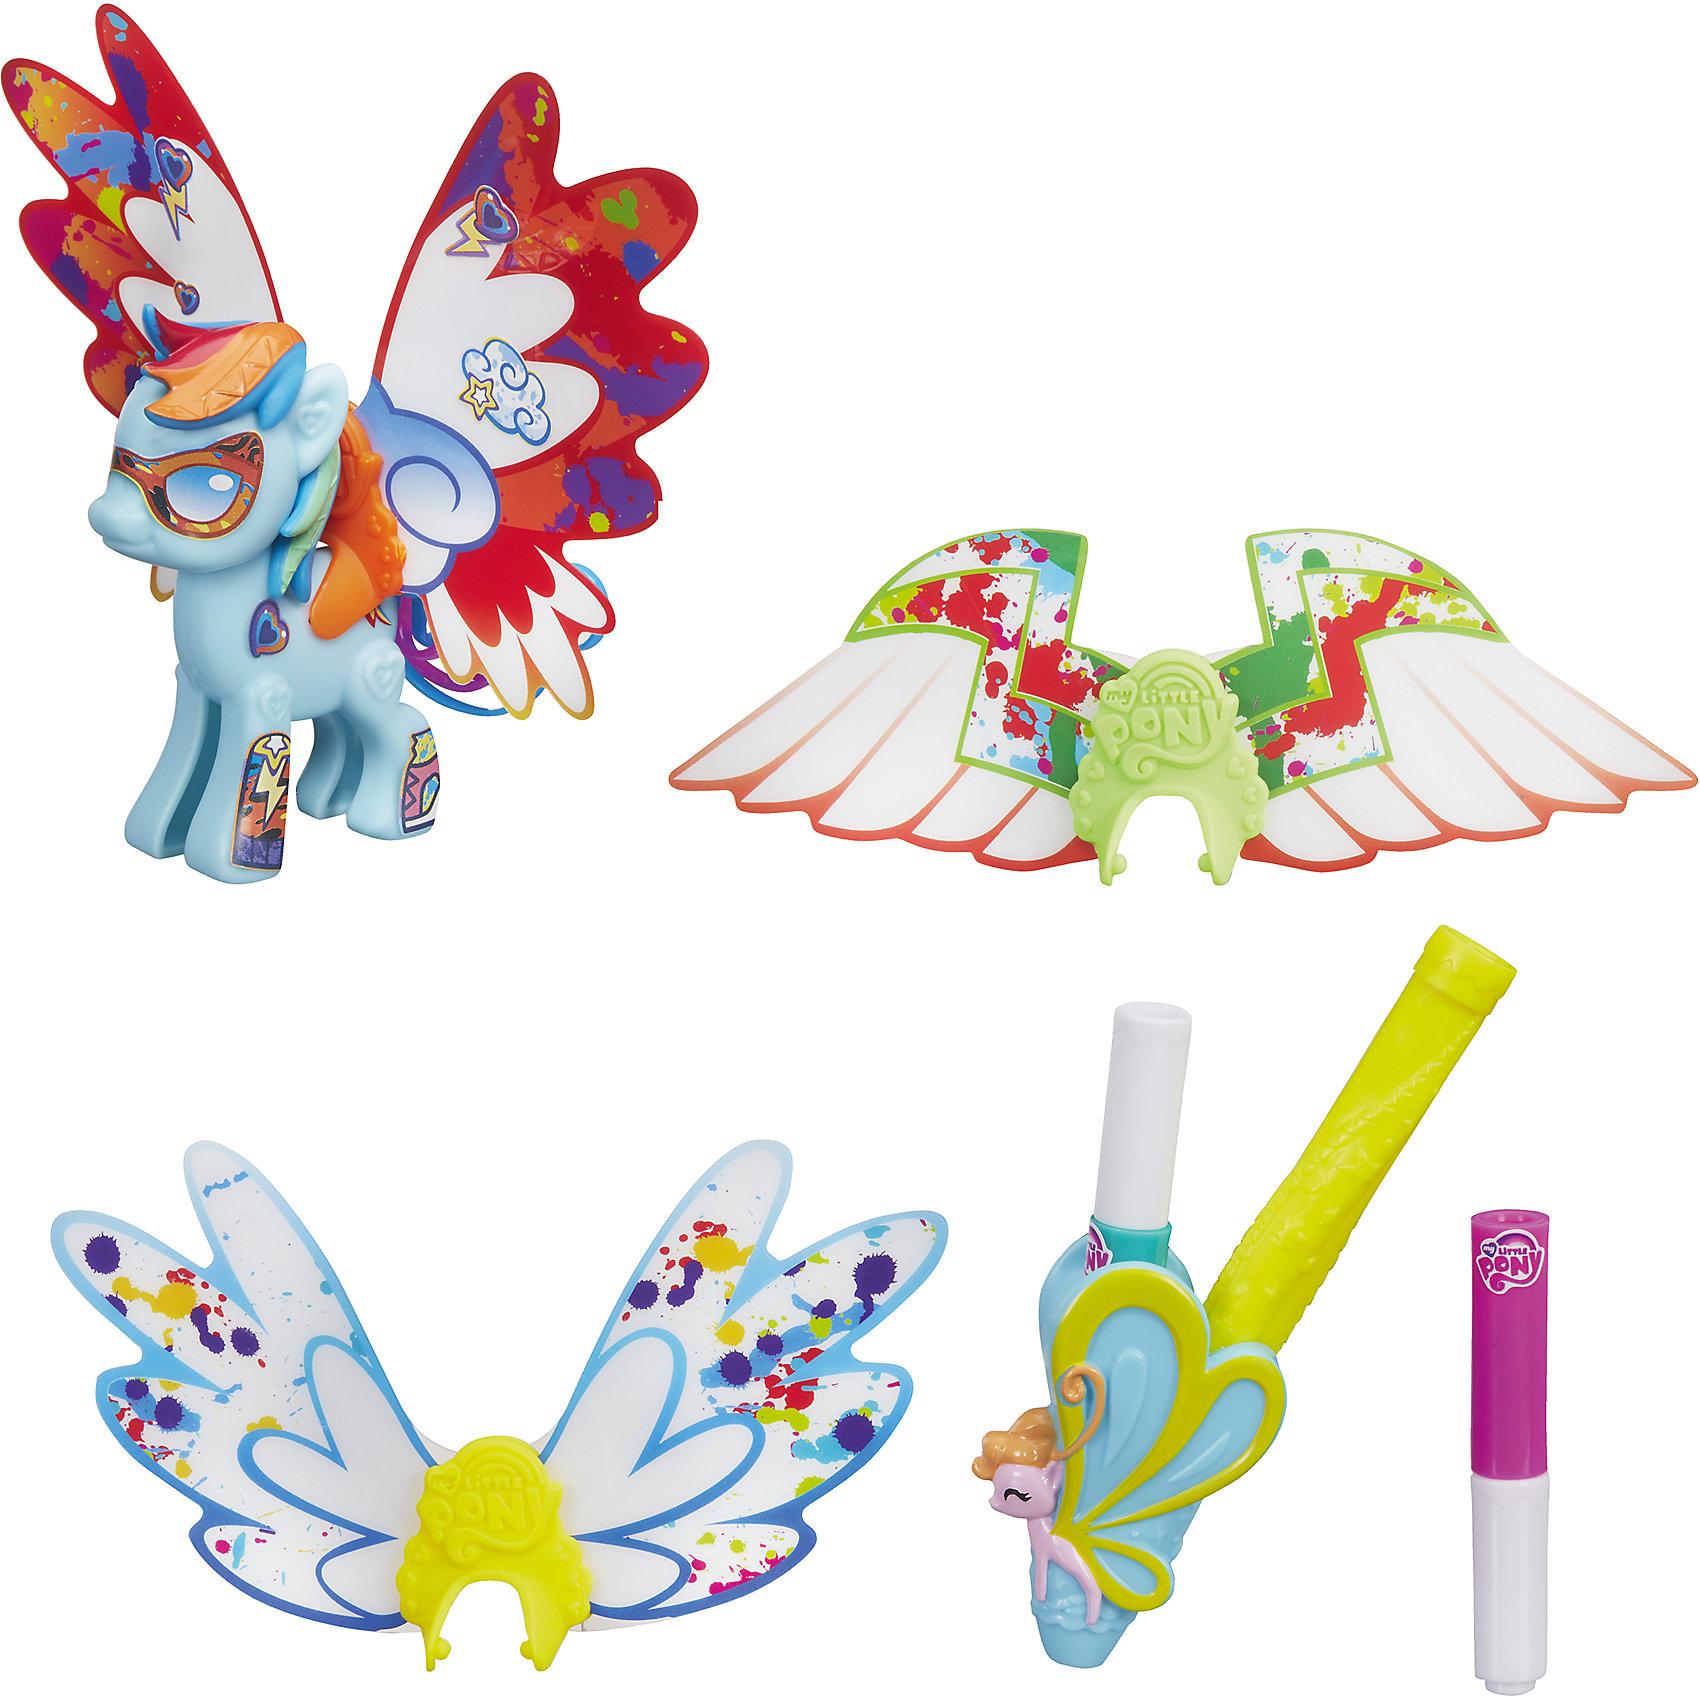 Пони с крыльями Рейнбоу Дэш Создай свою пони, My little Pony, B3590/B5678Пони с крыльями Создай свою пони, My little Pony, B3590/B5678.<br><br>Характеристики:<br><br>- В наборе: фигурка пони Рейнбоу Дэш (из двух половинок), грива, хвостик, три пары невероятных крыльев, наклейки, 2 маркера<br>- Можно комбинировать с другими наборами серии<br>- Материал: высококачественная пластмасса, картон<br>- Высота фигурки: 7 см.<br>- Размер упаковки: 21х20,5х2,5 см.<br><br>Игровой набор Создай свою пони станет приятным подарком для девочки - поклонницы мультсериала Моя маленькая пони. Дружба - это чудо!. Малышка сможет самостоятельно соединить две части пони вместе и создать неповторимый образ для пони Рэйнбоу Дэш. В наборе есть 3 пары сменных крыльев различной формы. Одни из них похожи на крылья бабочки, а две другие пары — на крылья птиц или крылышки ангела. Входящие в комплект специальные маркеры помогут раскрасить крылья и декорировать их причудливыми узорами. А множество оригинальных наклеек из набора помогут Рэйнбоу Дэш обрести уникальный внешний вид. Игрушка выполнена из высококачественной пластмассы и имеет поразительное сходство с героиней мультсериала. Игровой набор позволит придумать множество разных сюжетных линий, историй и развить фантазию и мелкую моторику. Фигурка отлично впишется в коллекцию девочки и подарит ей множество положительных эмоций. Детали набора можно комбинировать с элементами из других наборов Создай свою пони.<br><br>Набор Пони с крыльями Создай свою пони, My little Pony, B3590/B5678 можно купить в нашем интернет-магазине.<br><br>Ширина мм: 25<br>Глубина мм: 203<br>Высота мм: 630<br>Вес г: 100<br>Возраст от месяцев: 48<br>Возраст до месяцев: 144<br>Пол: Женский<br>Возраст: Детский<br>SKU: 5064683